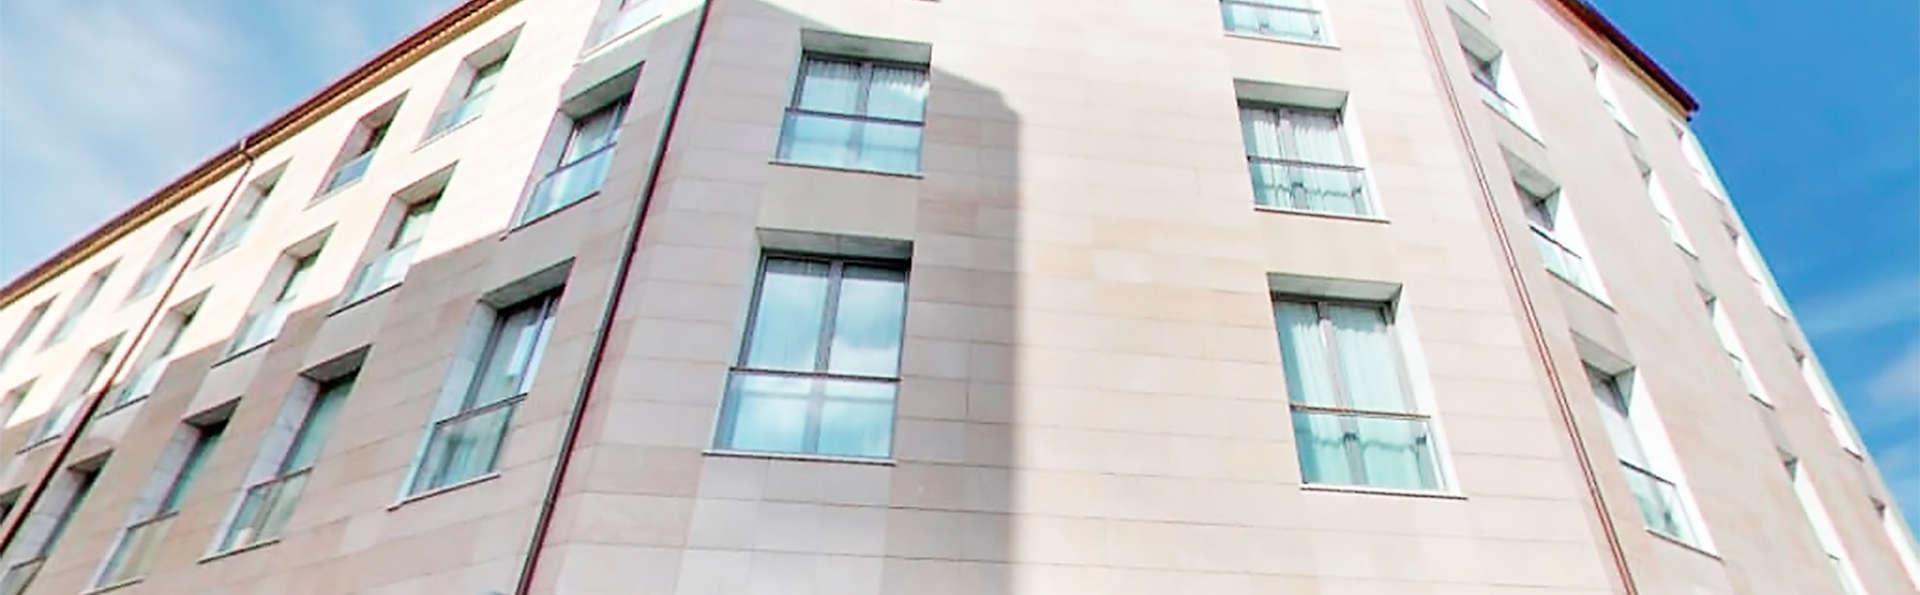 Gran Hotel Don Manuel - EDIT_front1.jpg